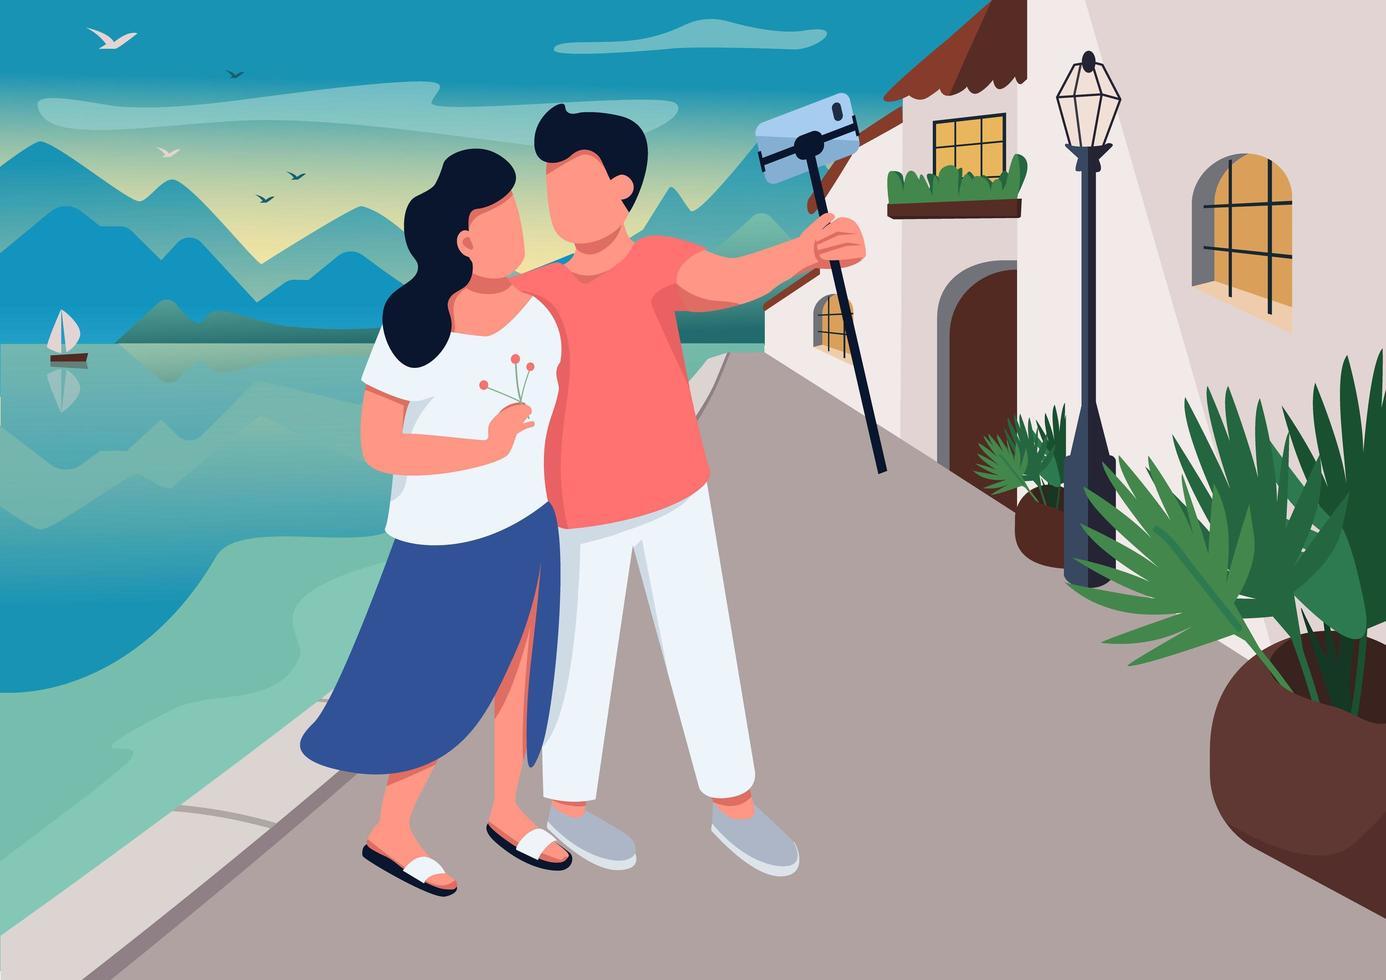 cita de pareja en pueblo turístico vector